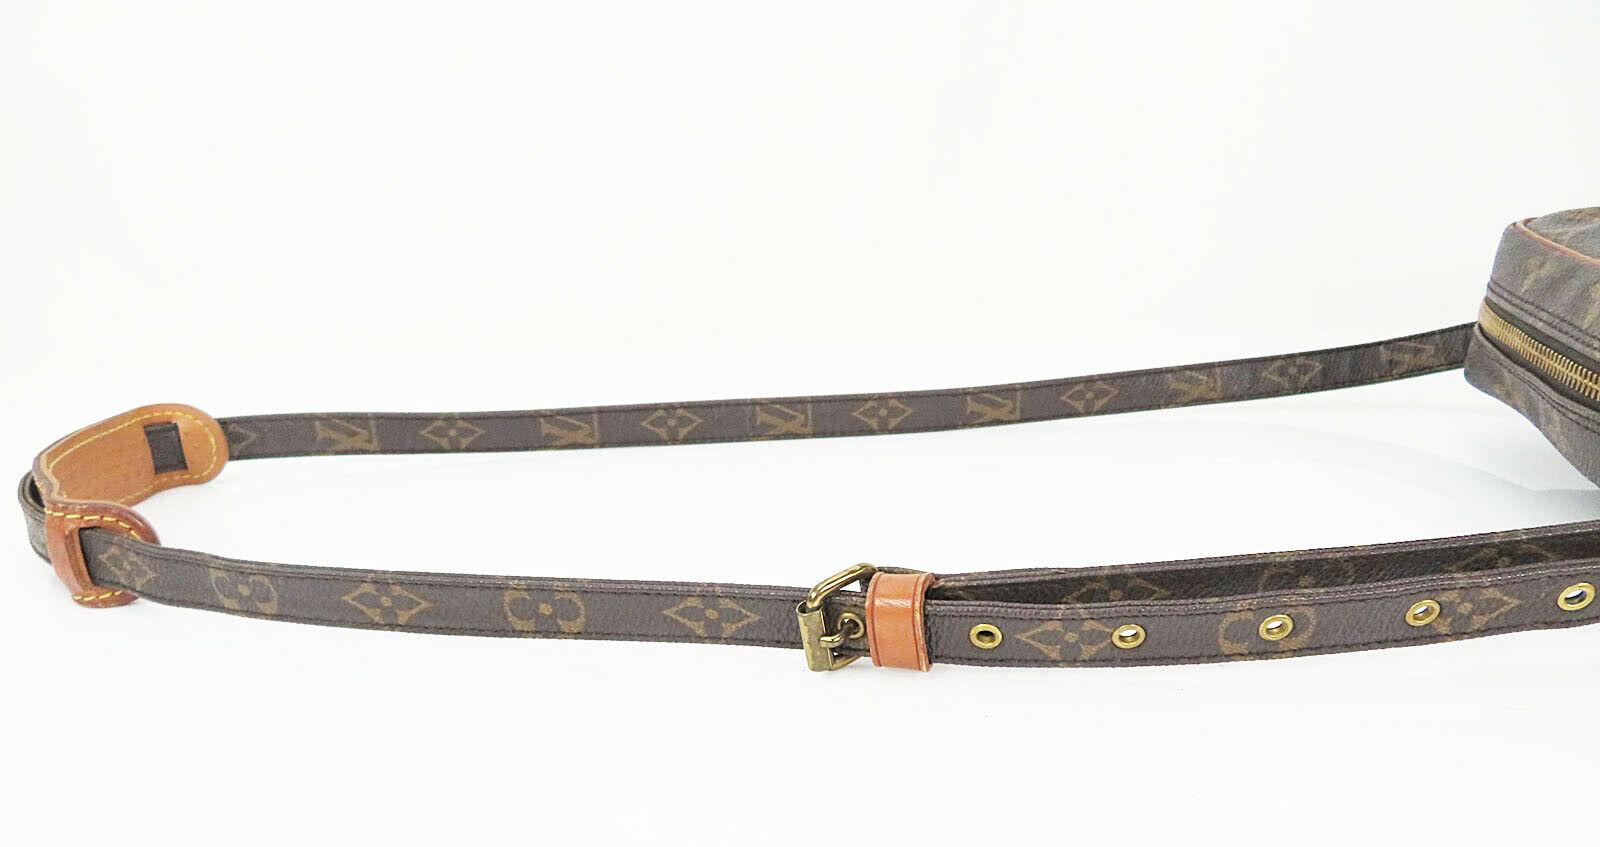 Authentic LOUIS VUITTON Amazone Monogram Cross body Shoulder Bag Purse #34636 image 8